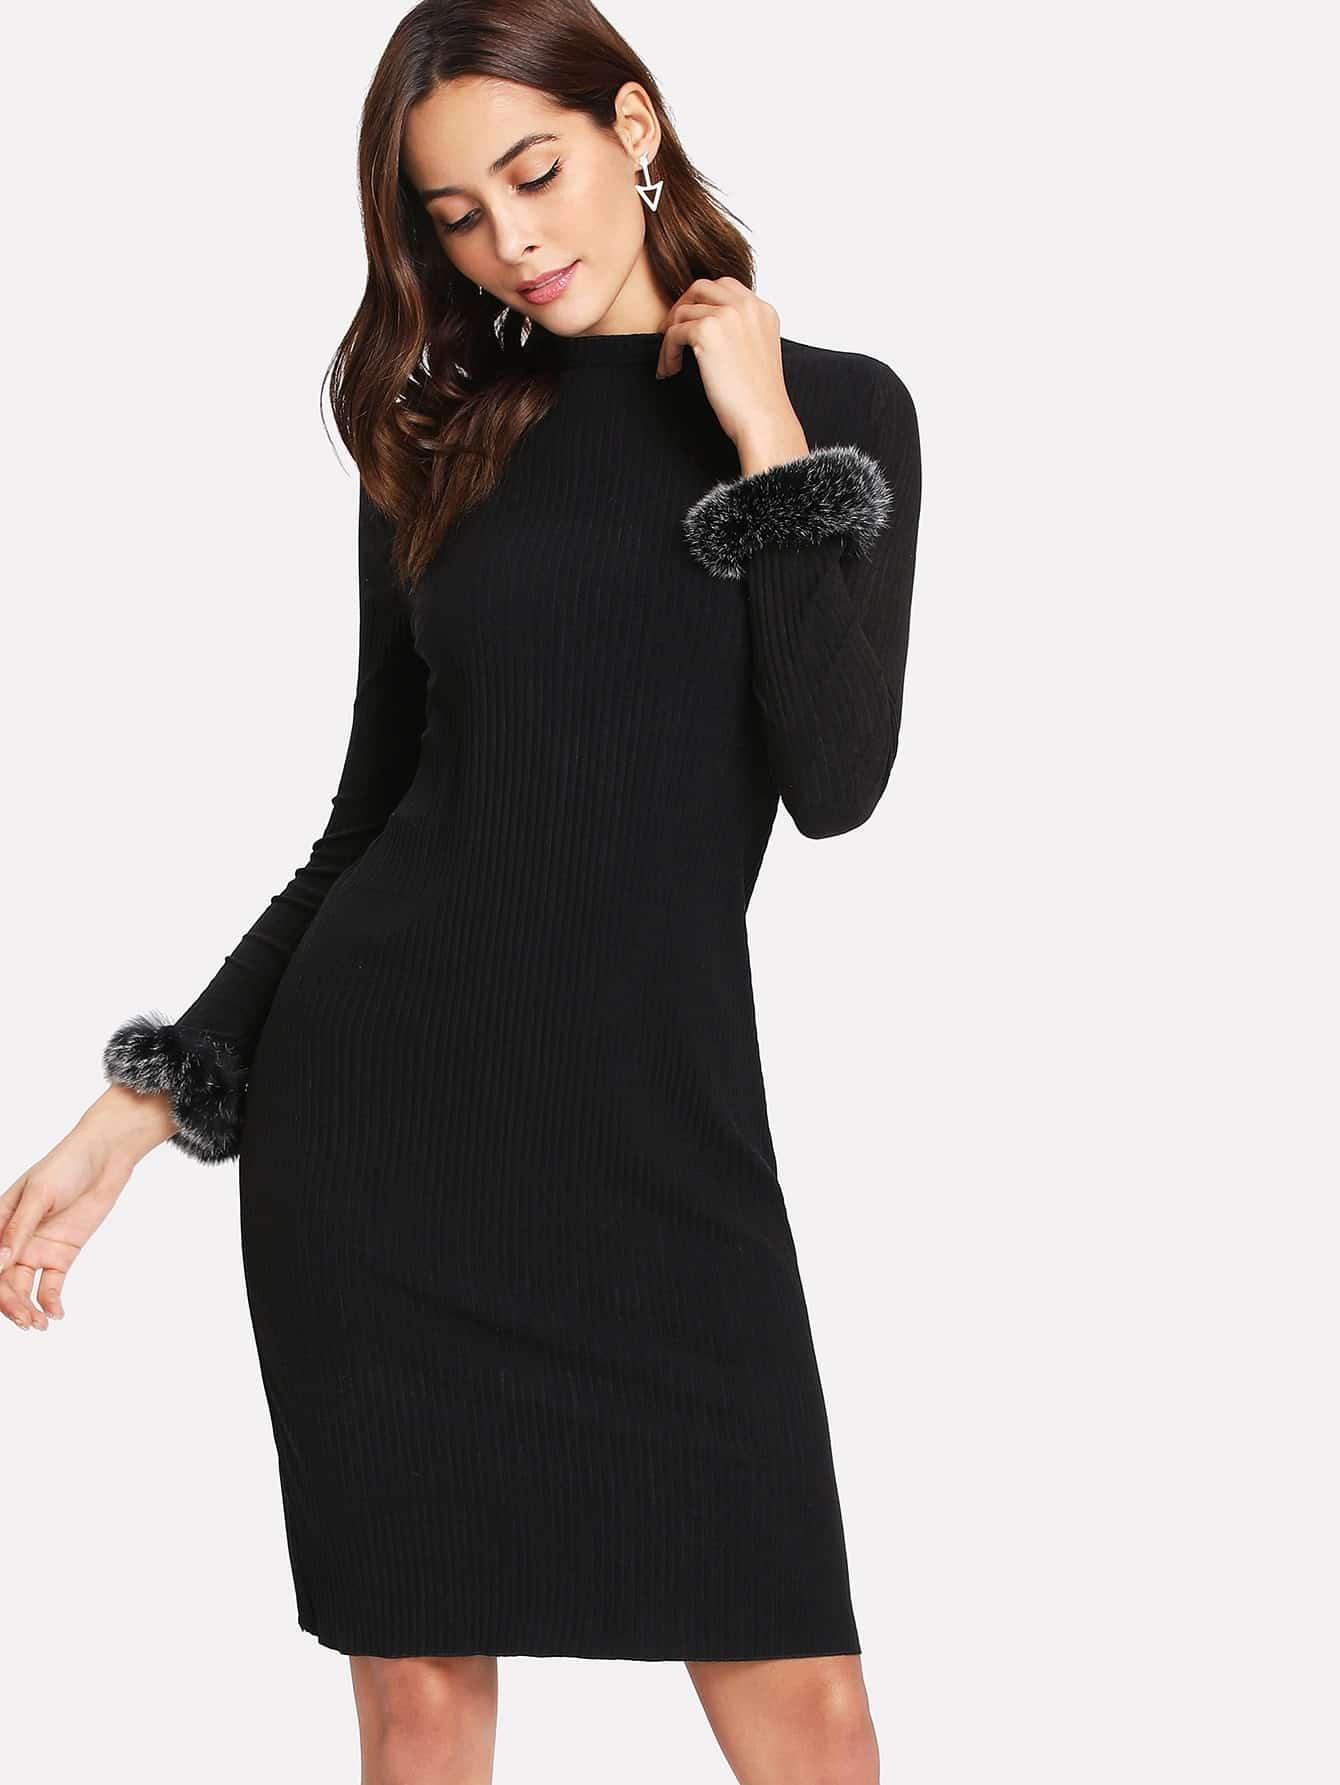 Contrast Faux Fur Cuff Ribbed Dress dress171128103